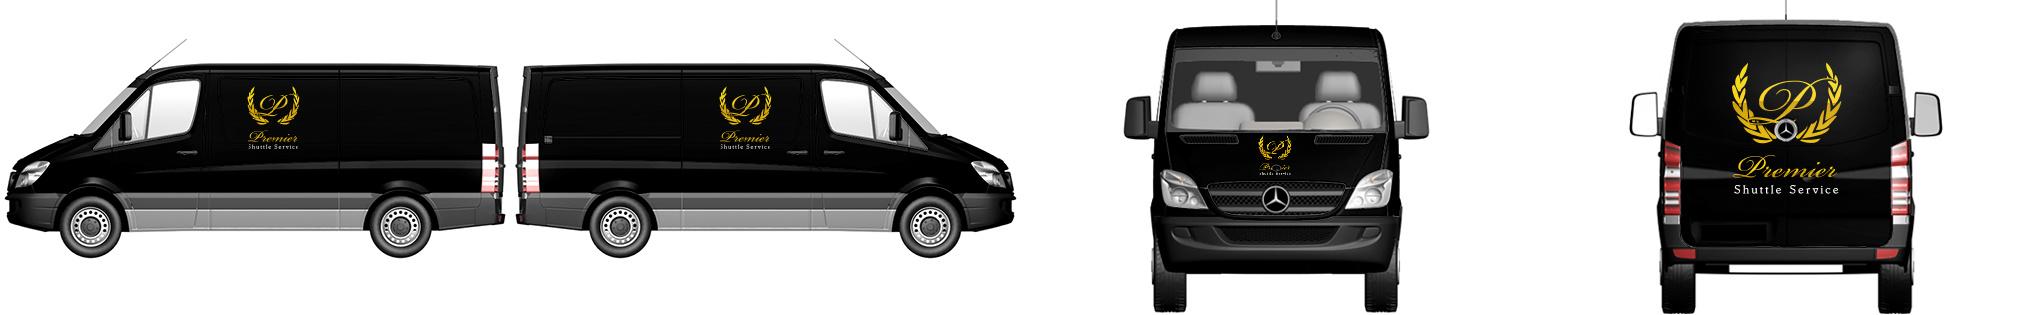 Van Wrap #780